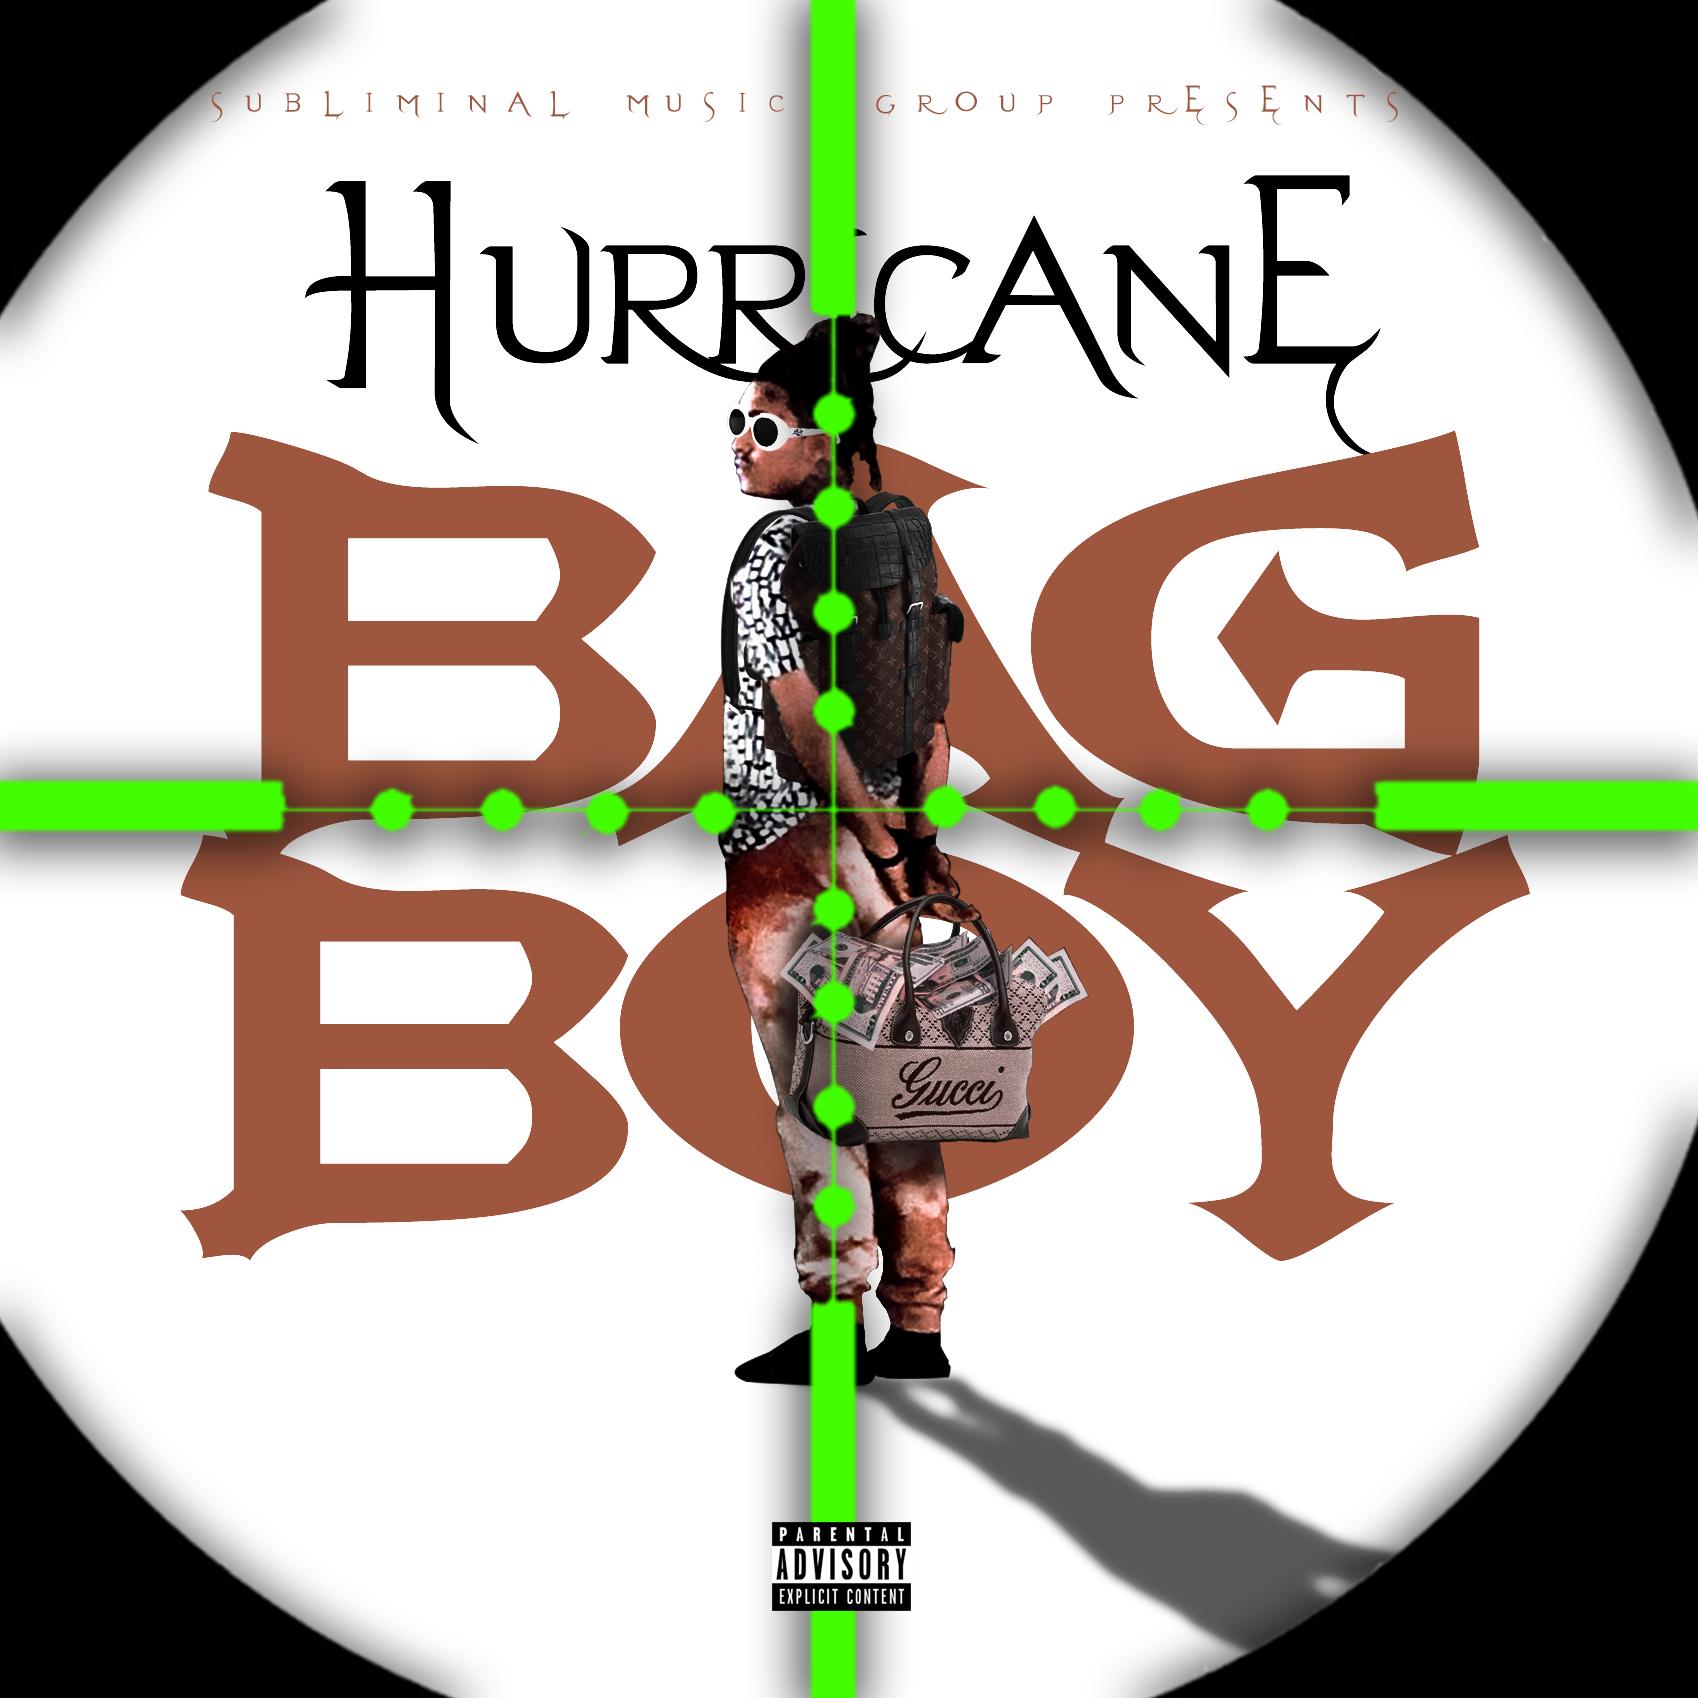 Hurricane - Bag Boy